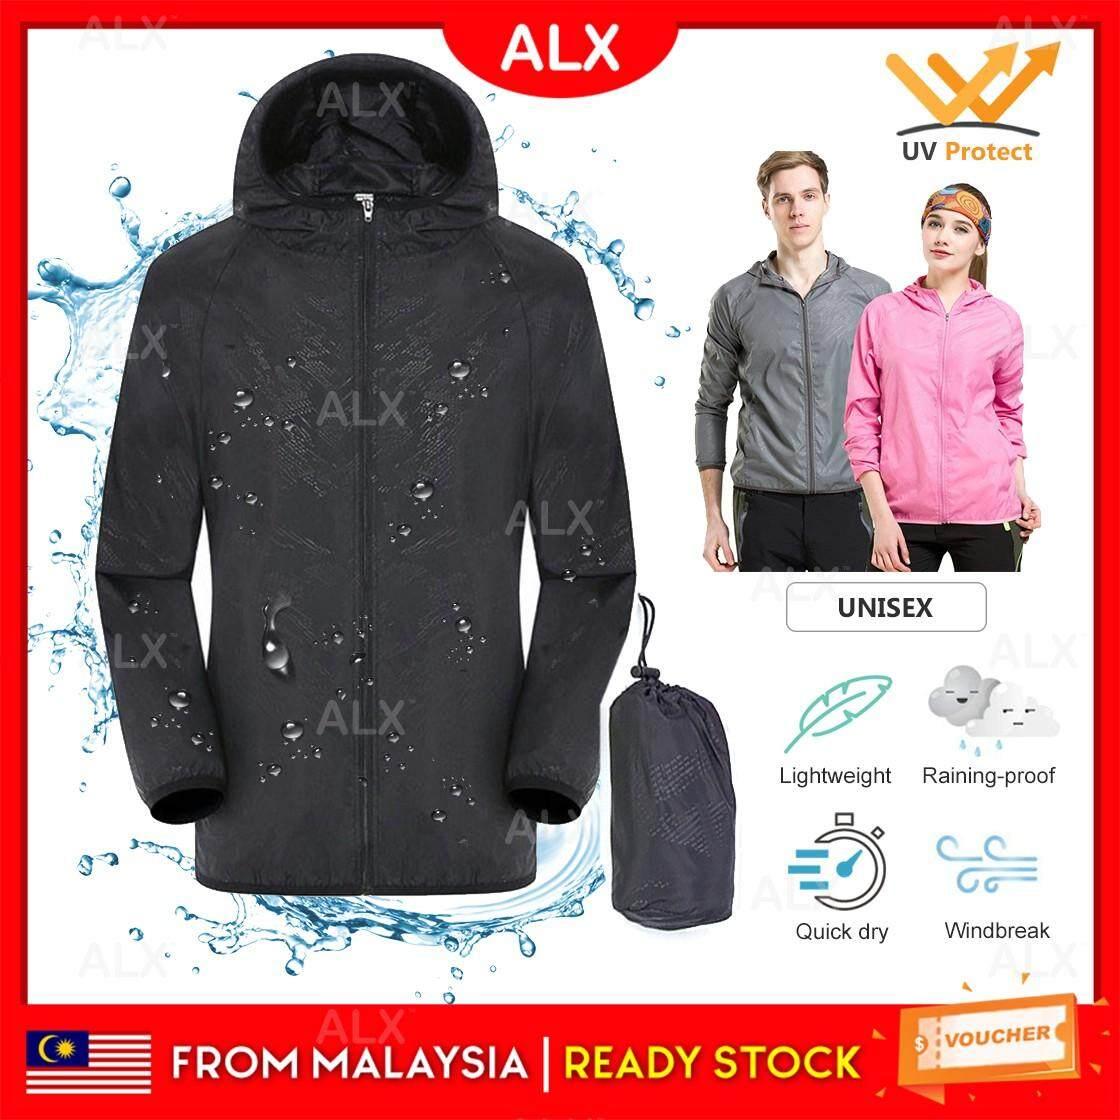 Waterproof/&Windproof Jacket Unisex Quick Dry Lightweight Rain Coat Outdoor M-3XL